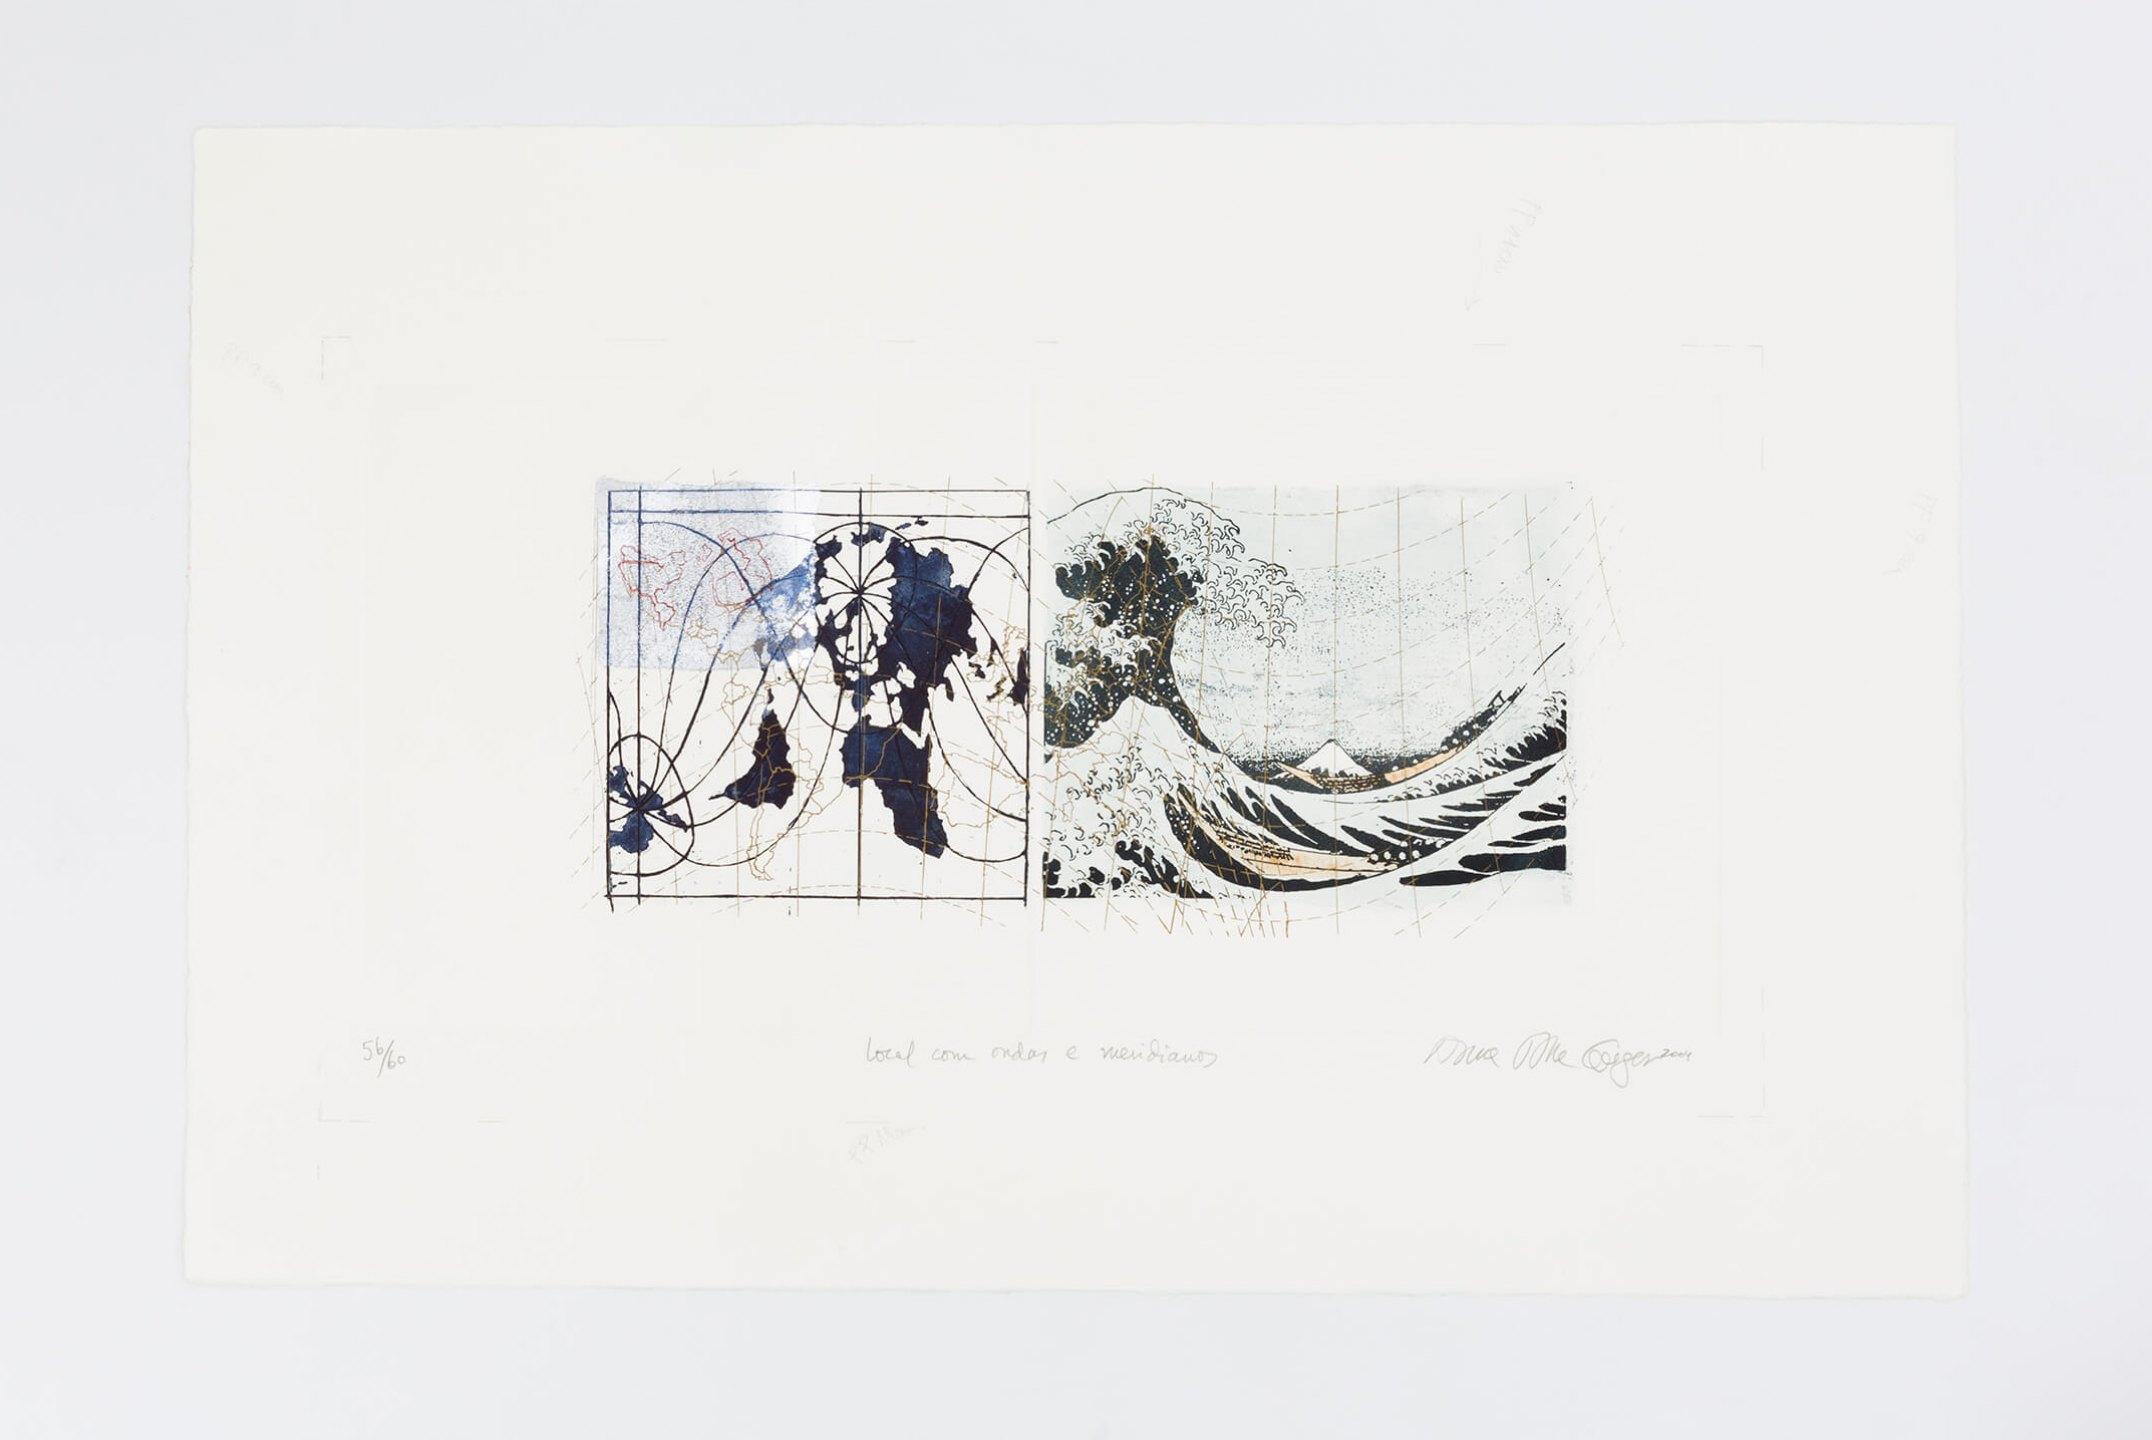 Anna Bella Geiger,&nbsp;<em>Local com ondas e meridianos, from Local de ação series</em>, 1995 – 2004, photoengraving on metal and silver sheet collage, 54 × 78 cm - Mendes Wood DM